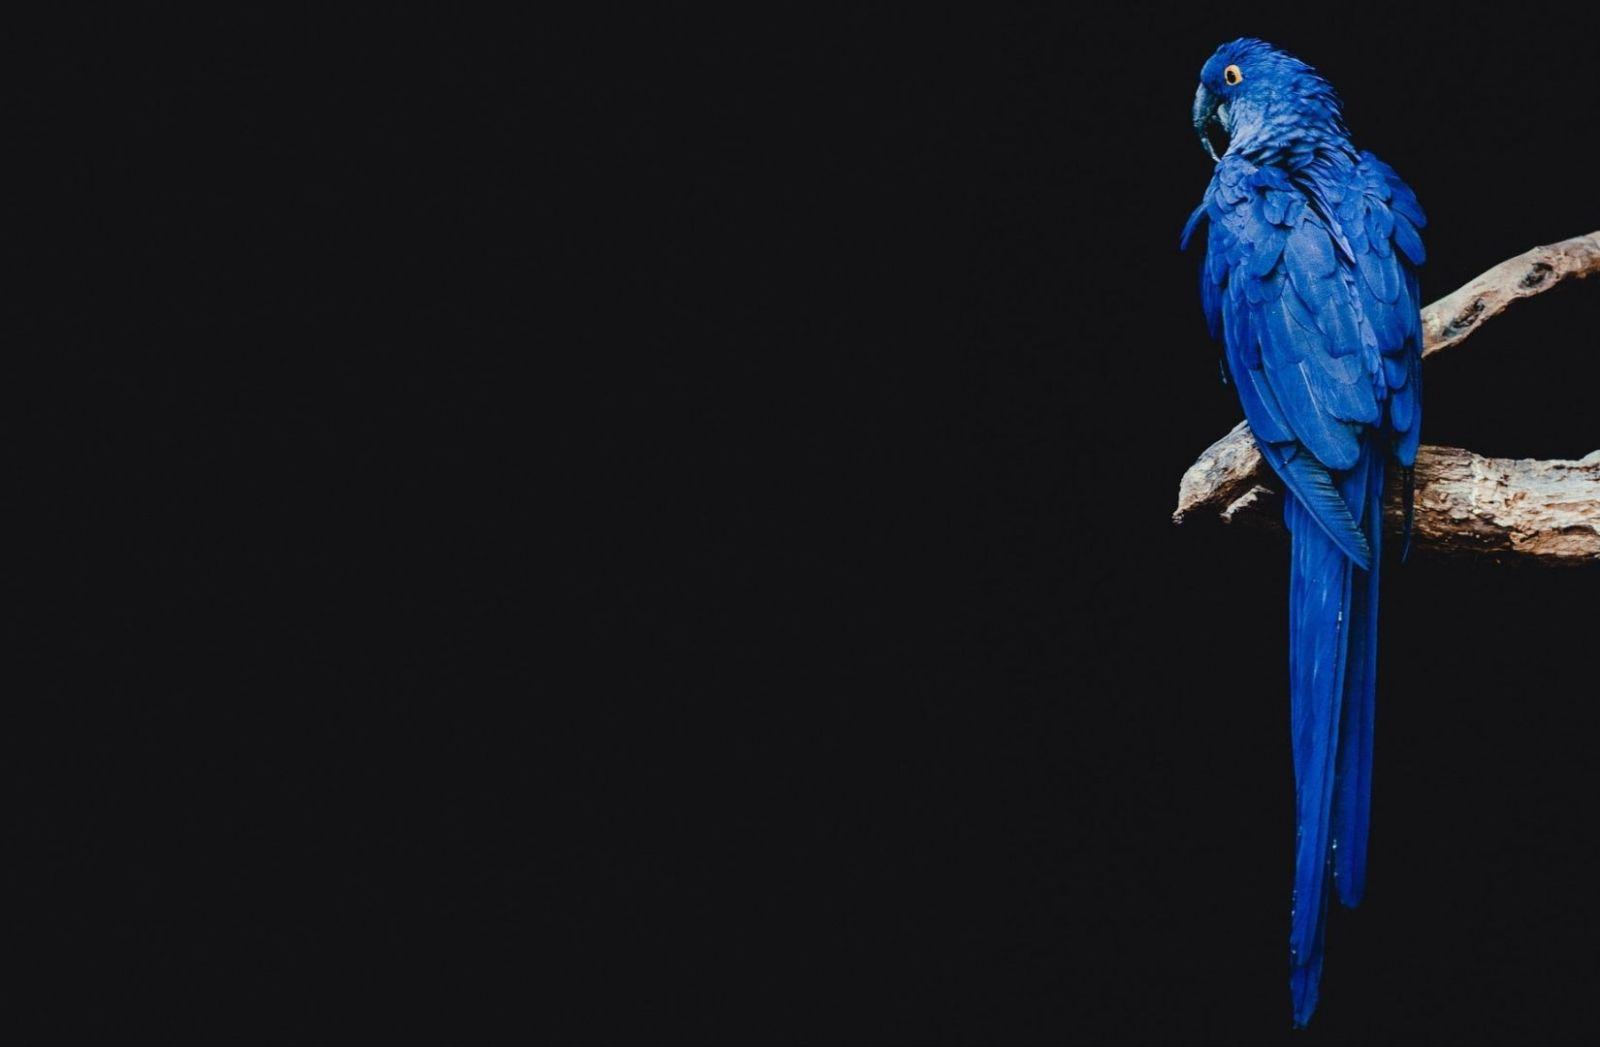 Ein Papagei schaut ins Nichts im Forth Worth Zoo. (Foto: Dominik Lange, Unsplash.com)